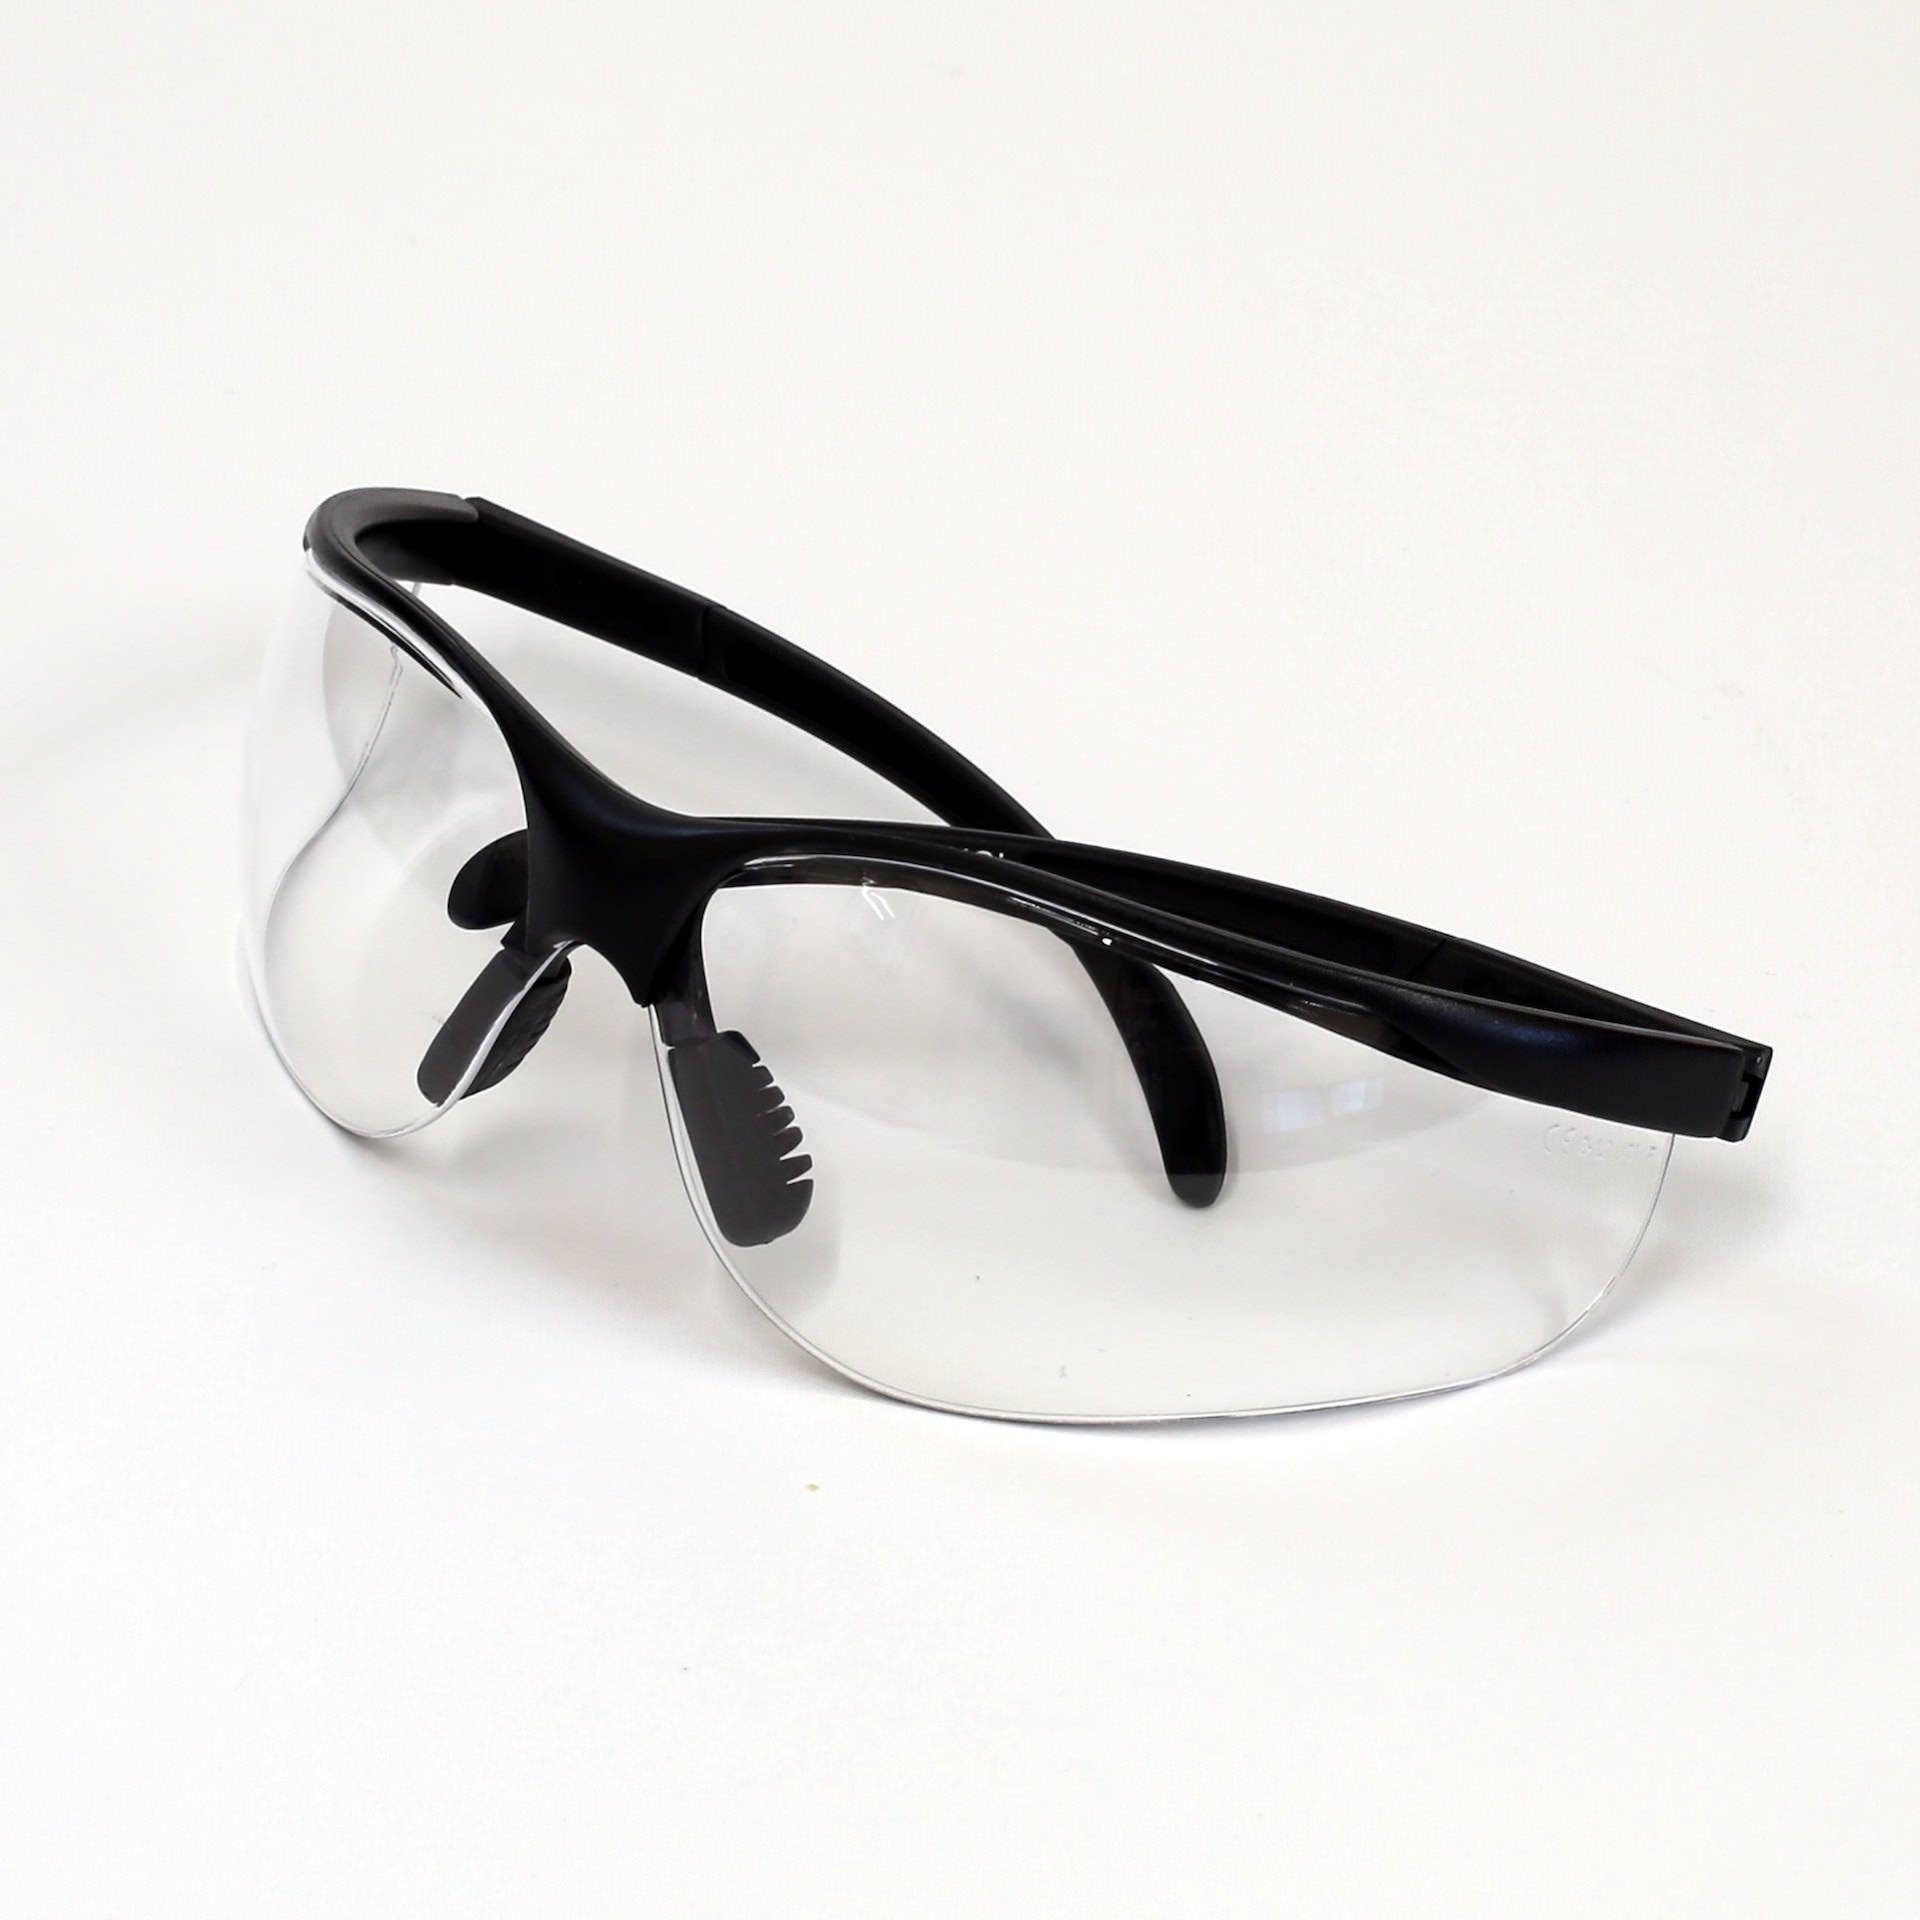 Arbeits-Schutzbrille günstig in Freiburg, Sulzburg, Teningen, Waldkirch, München, Essingen und Pfaffenweiler